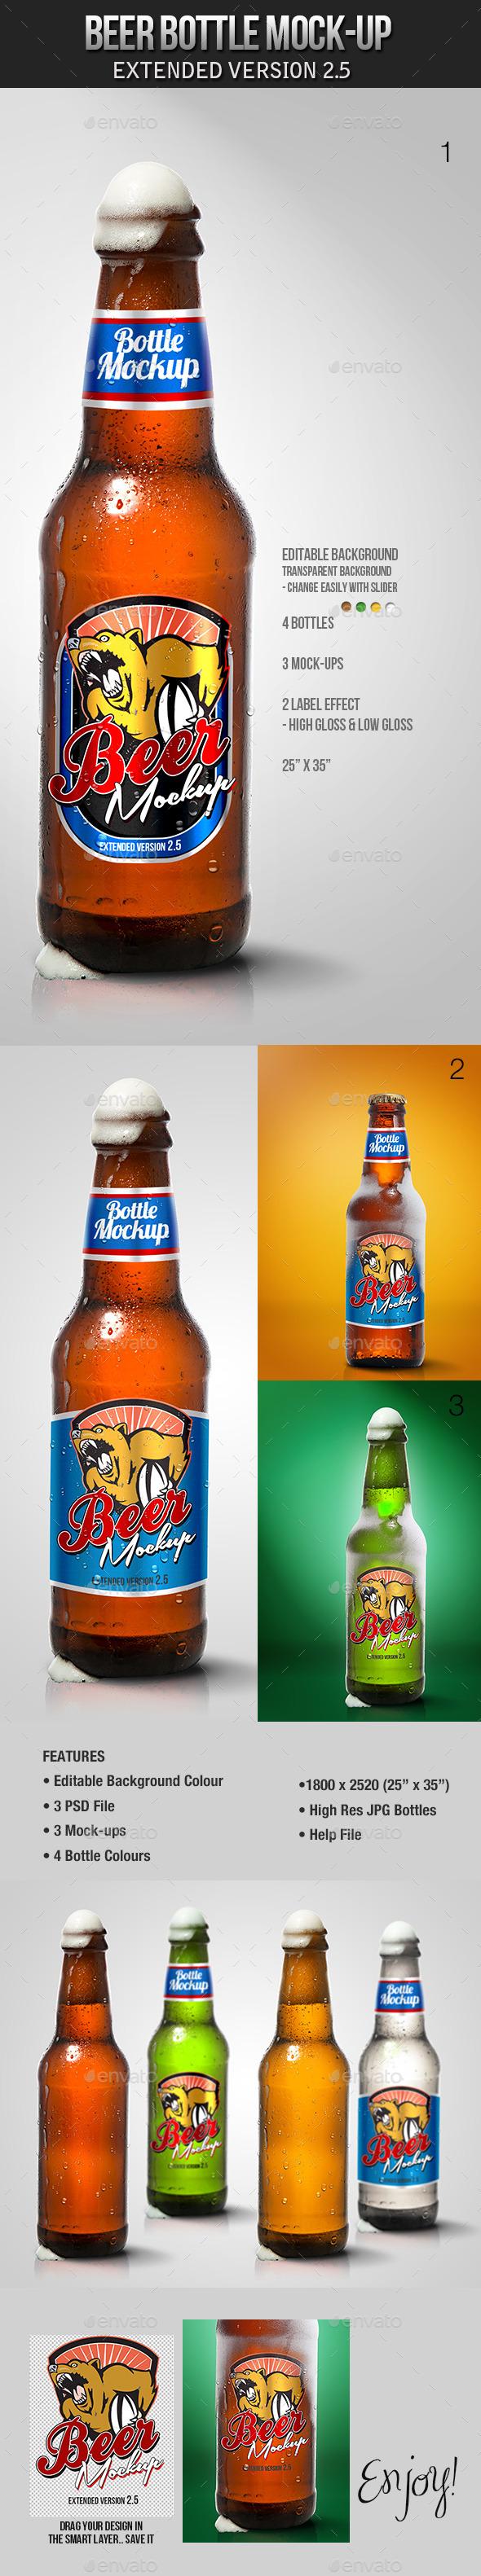 GraphicRiver Beer Bottle Mockup V2.5 9535444